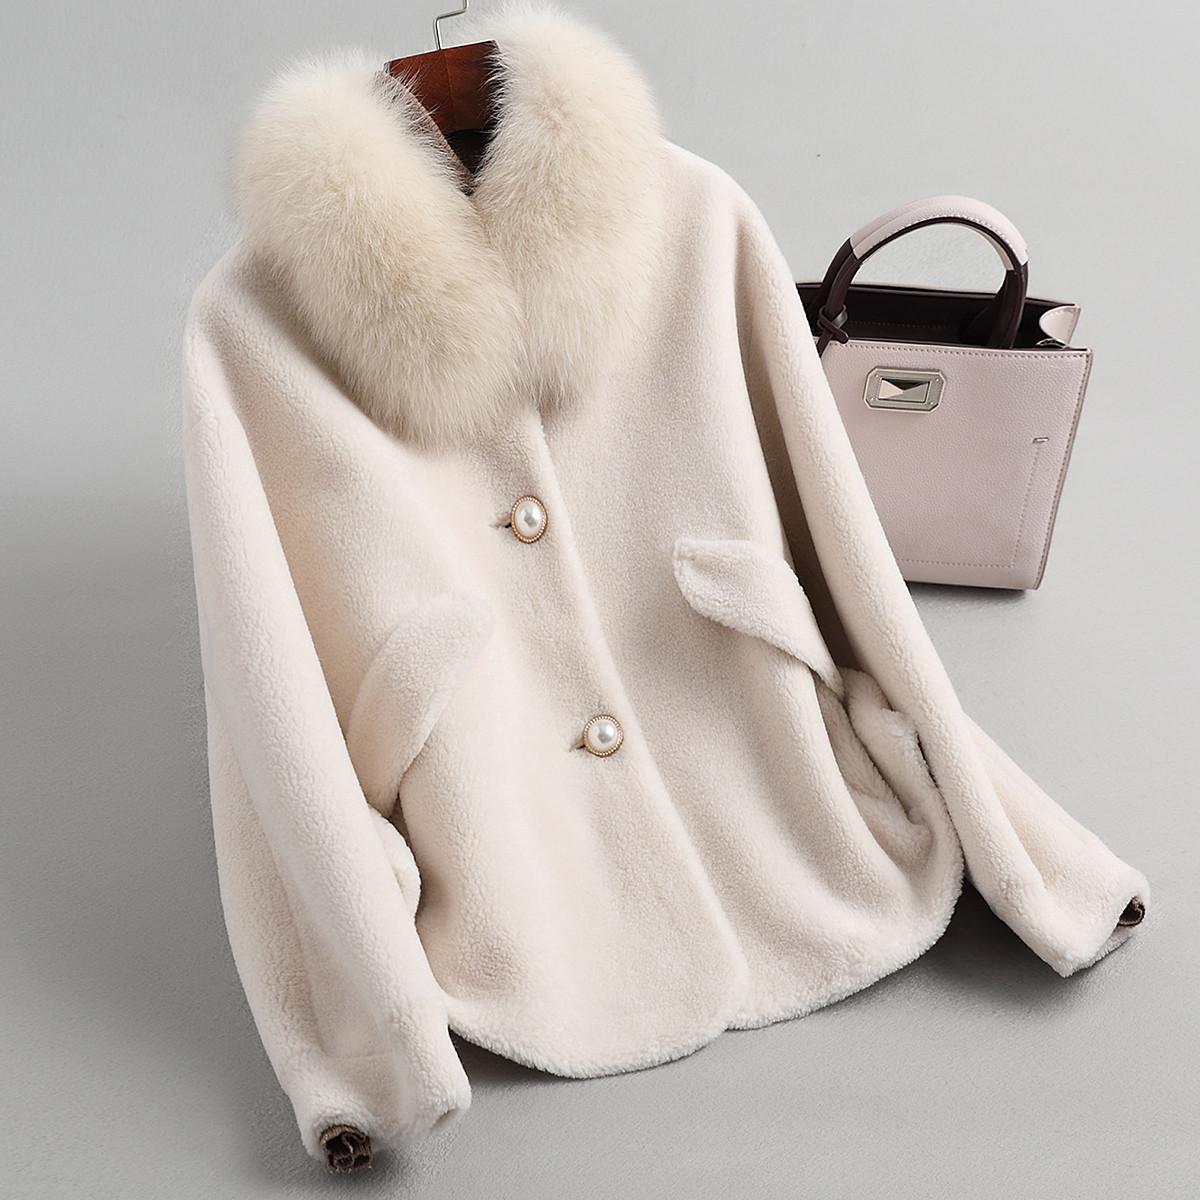 兰奥女式休闲短款复合皮毛一体狐狸毛方领拼接羊毛皮草外套TLR3136白色